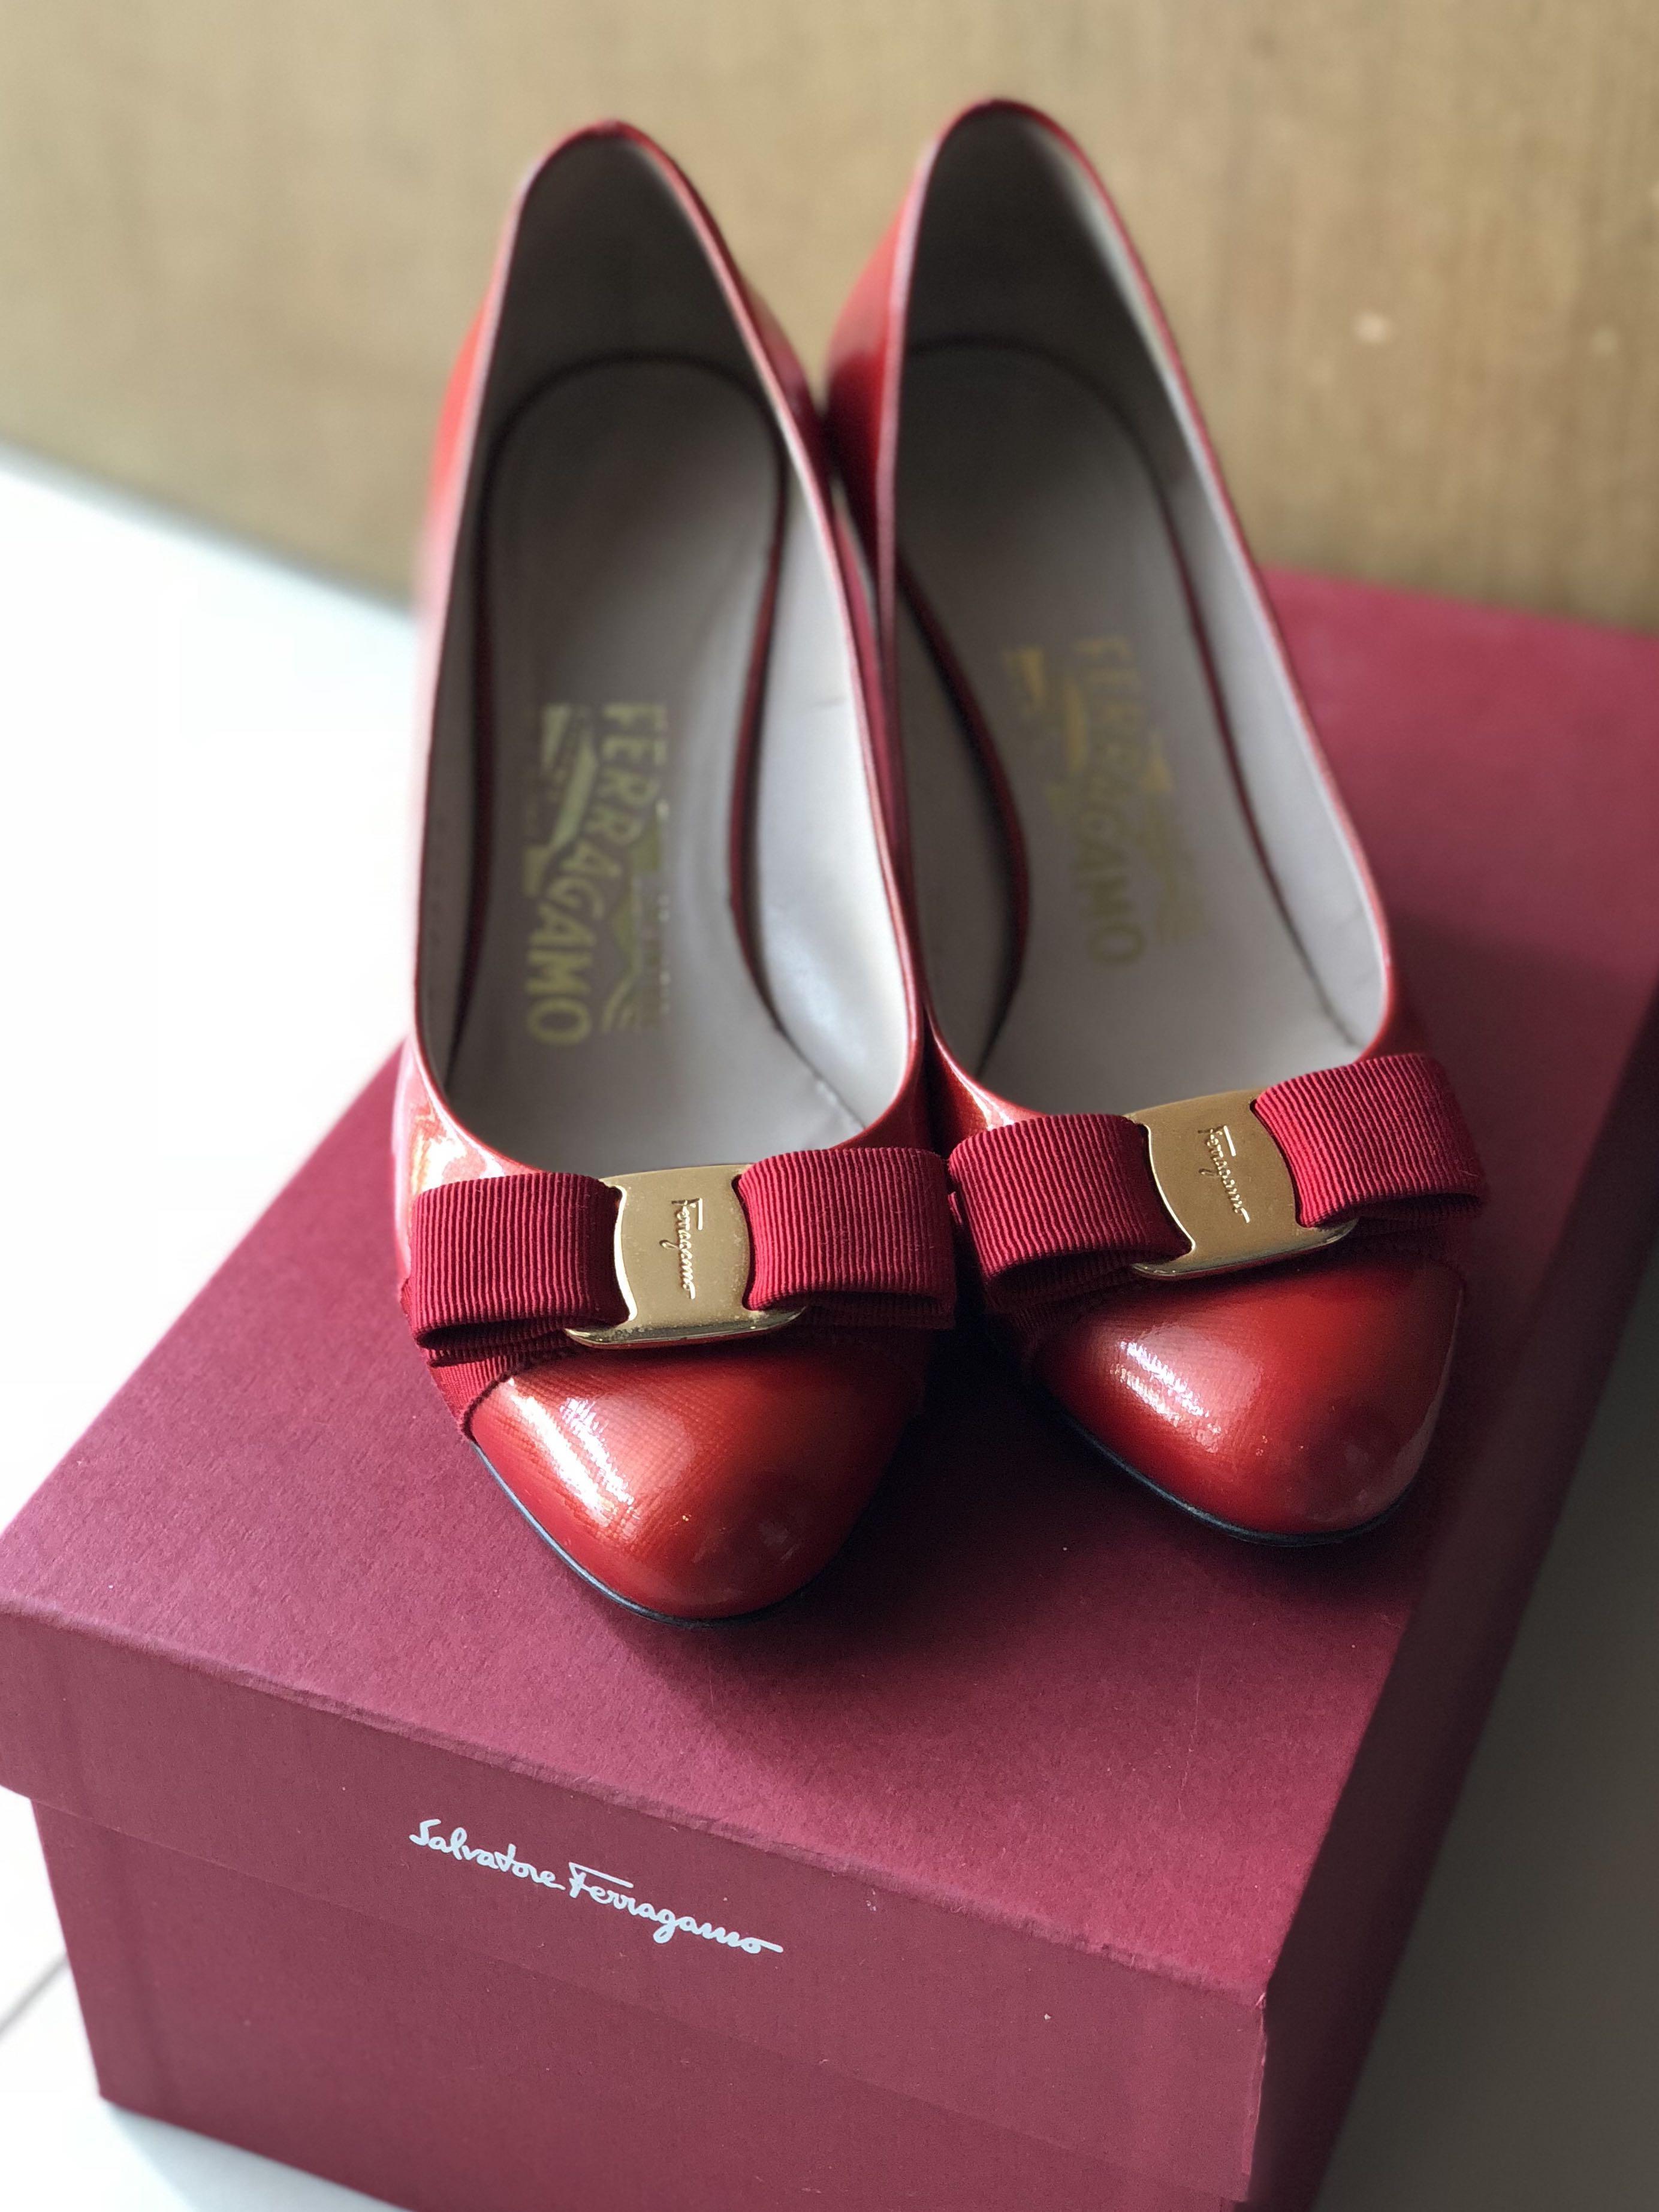 692ebb1f859 Authentic Salvatore Ferragamo Shoes (wedges) size 5D